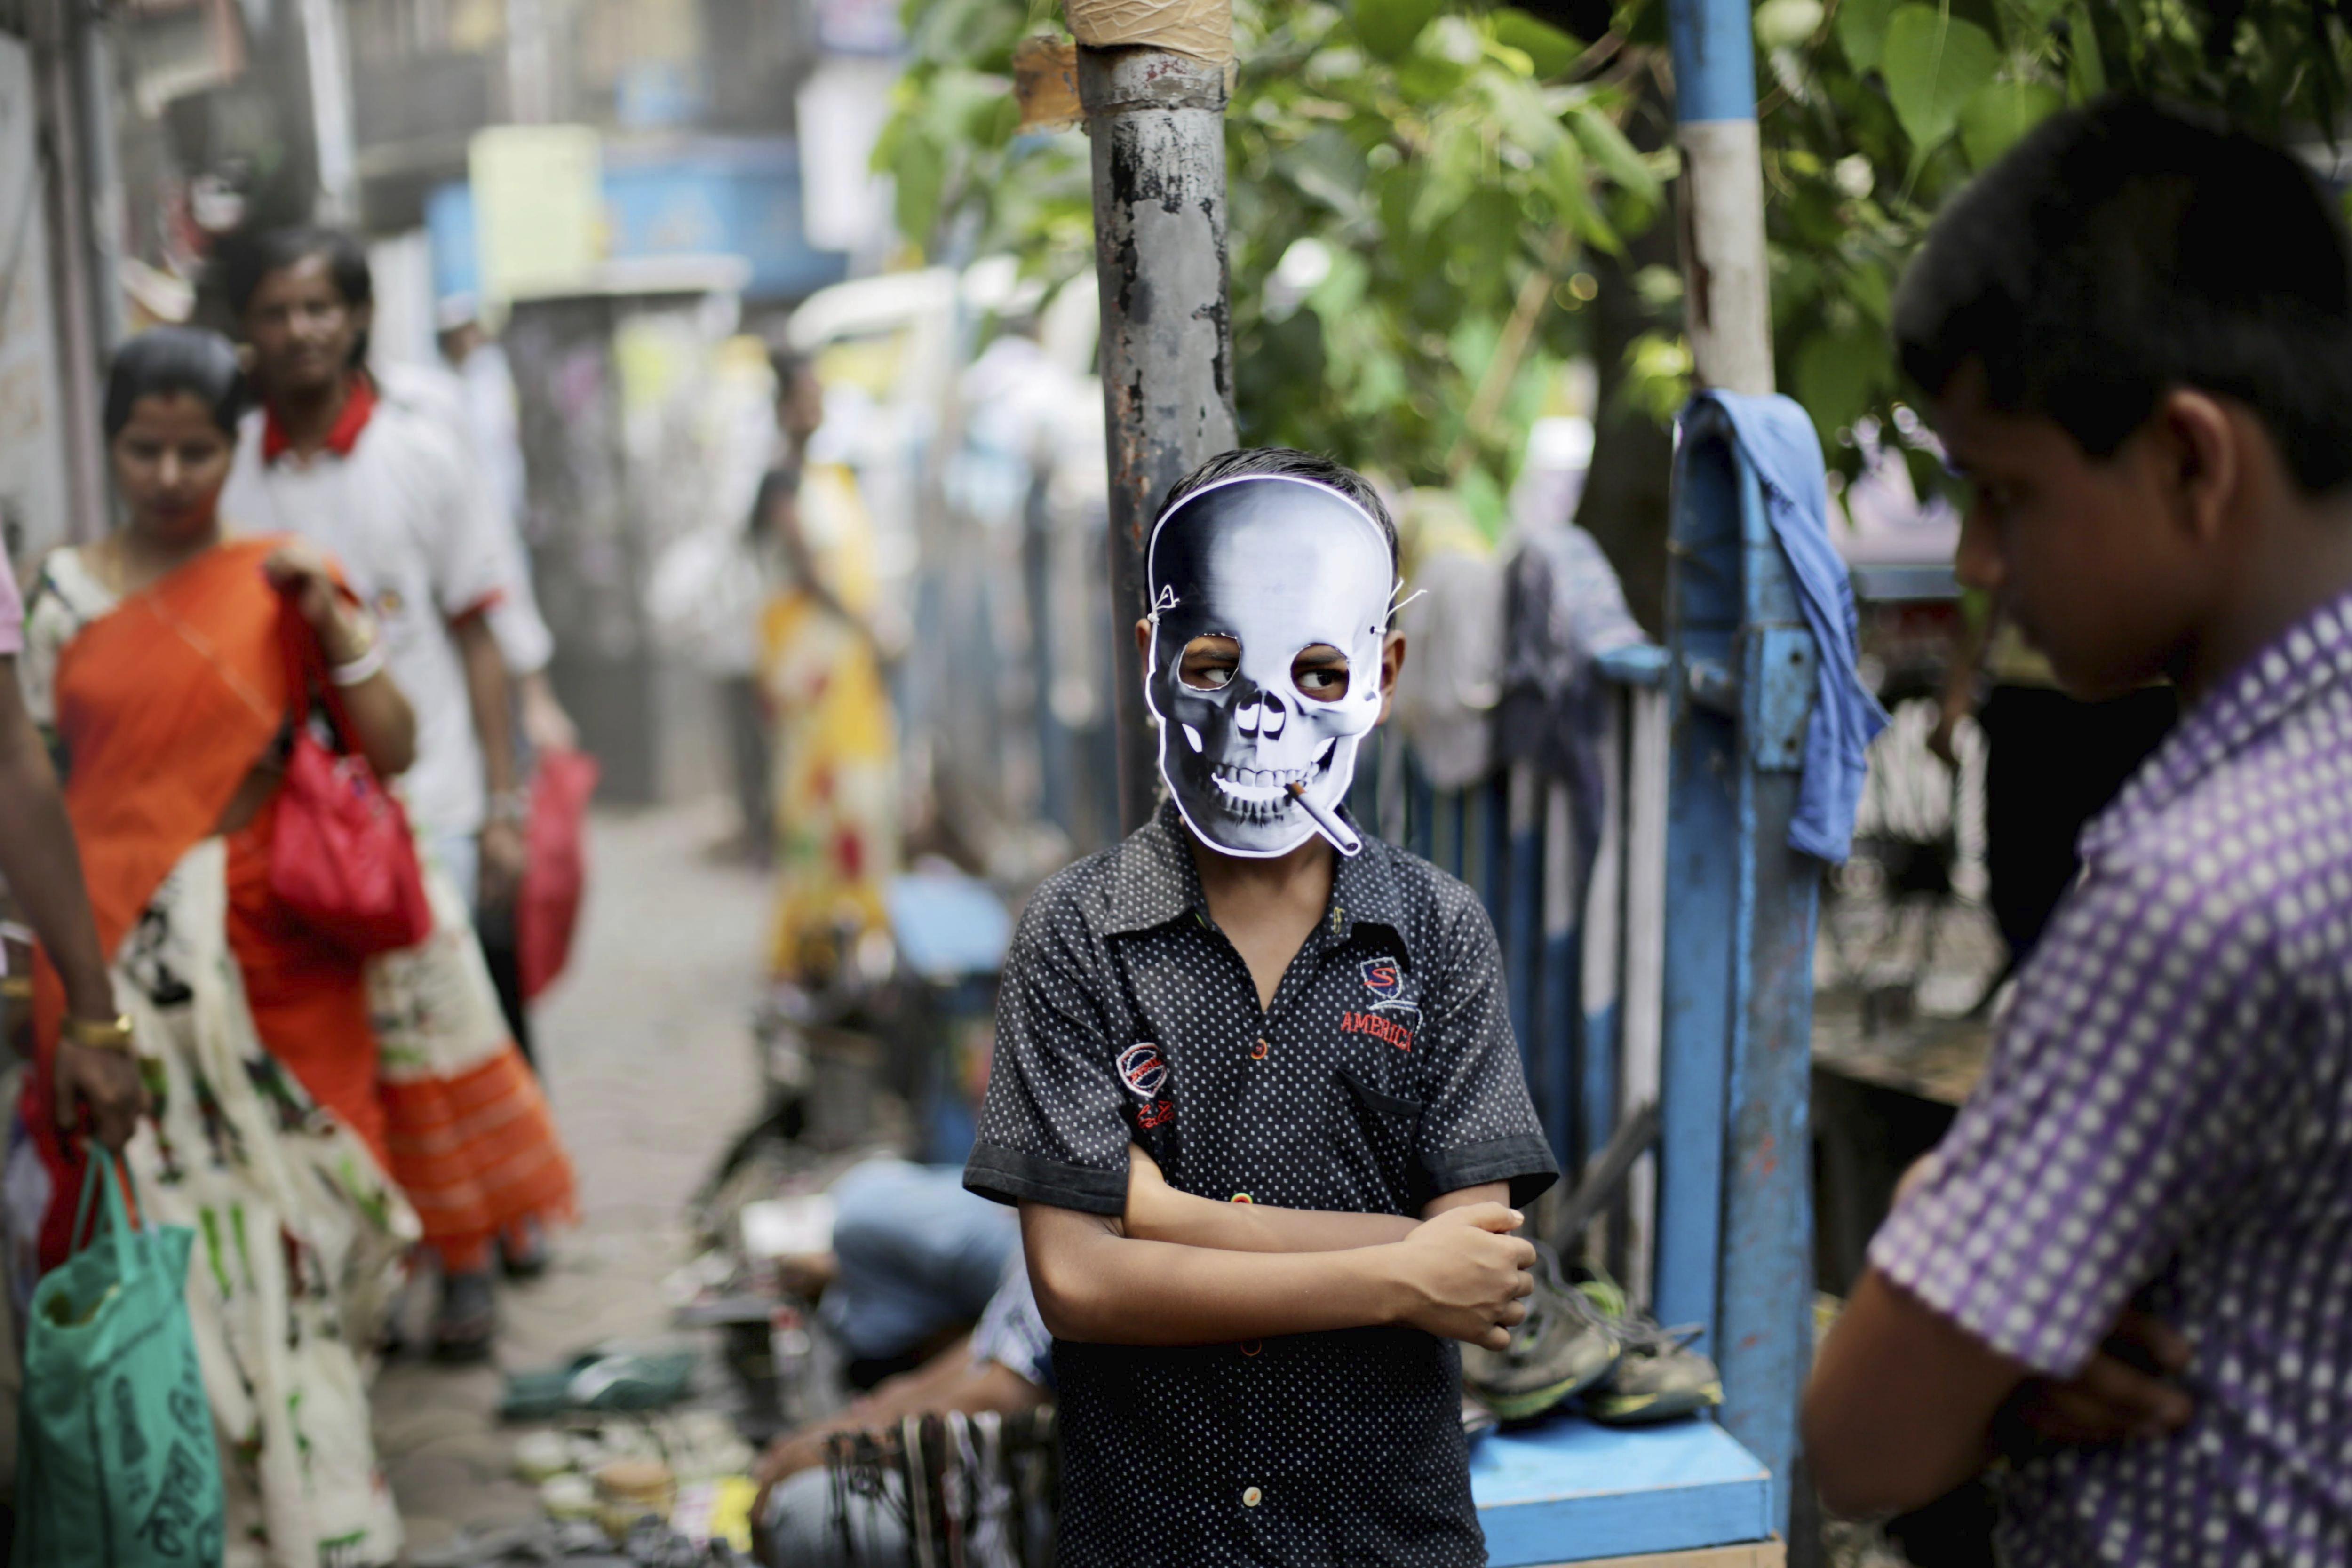 Un activista indi porta una careta d'una calavera amb un cigarret durant una campanya contra el tabaquisme durant el Dia Mundial sense Tabac a Calcuta (Índia). /PIYAL ADHIKARY